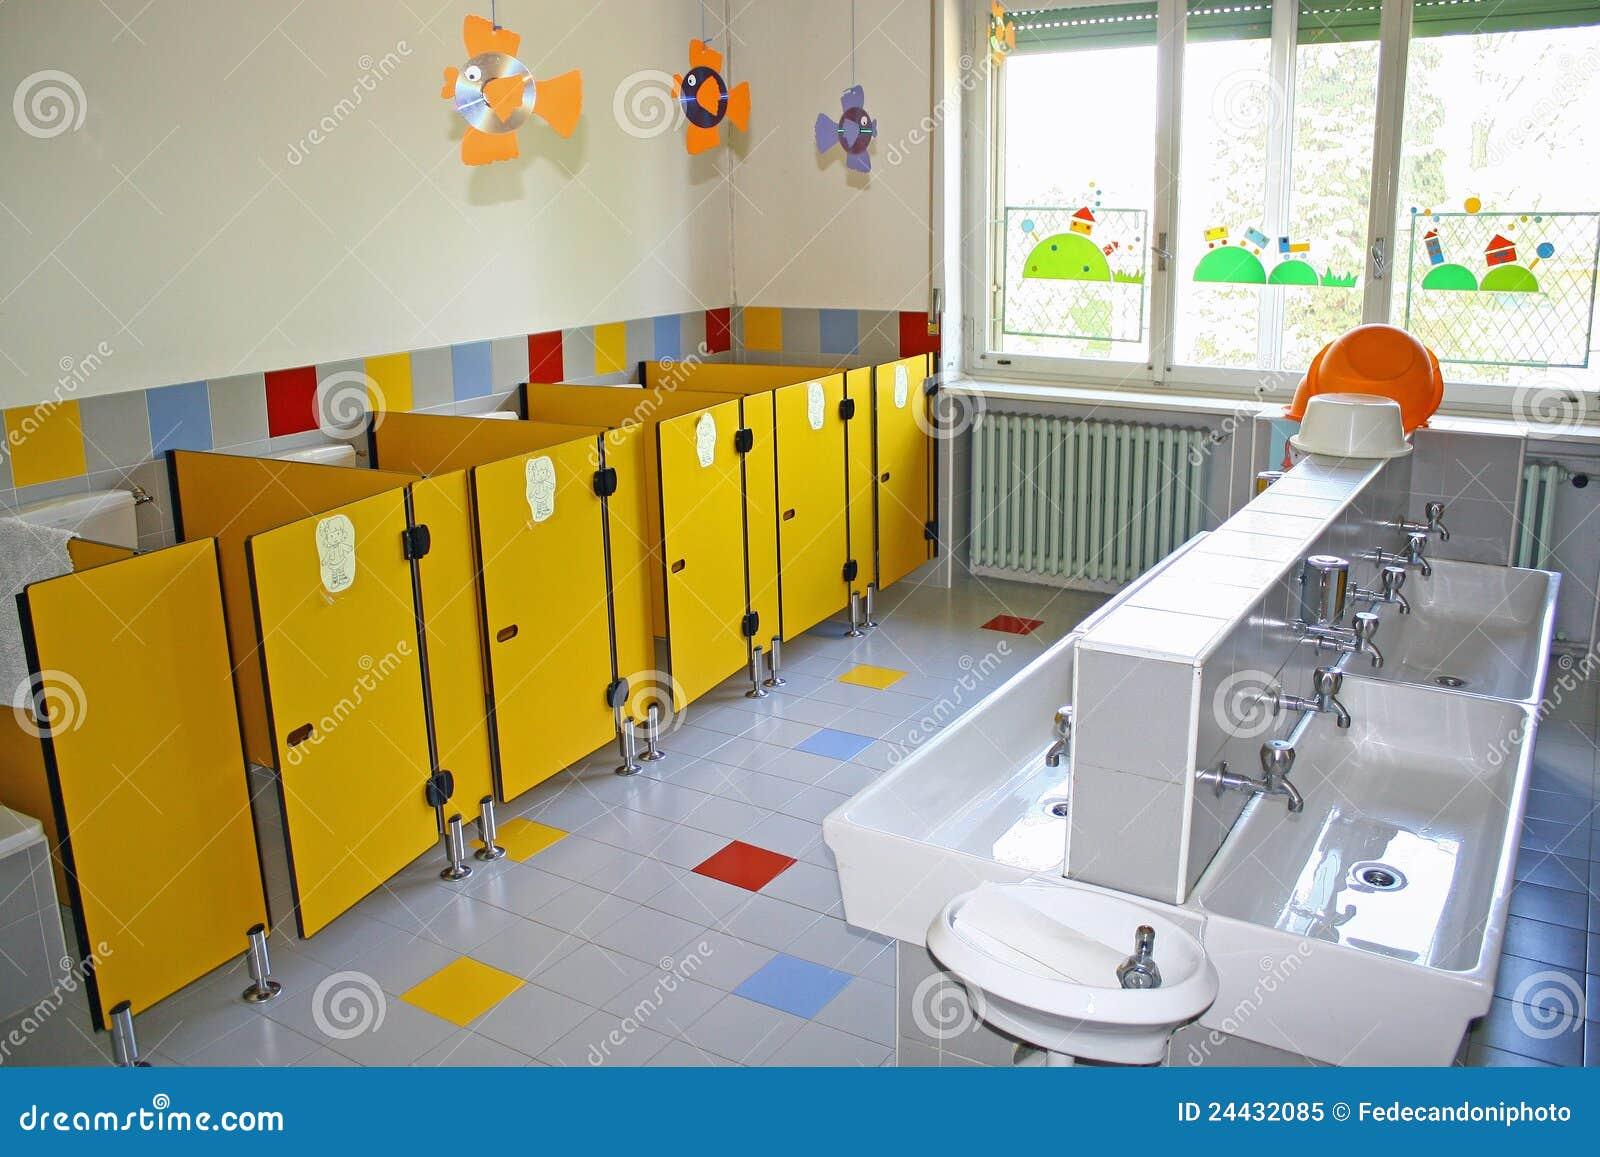 #C0930B Indogate.com Wc Dans Salle De Bain Tres Tres Petite 2653 petite salle de bain avec toilette 1300x957 px @ aertt.com